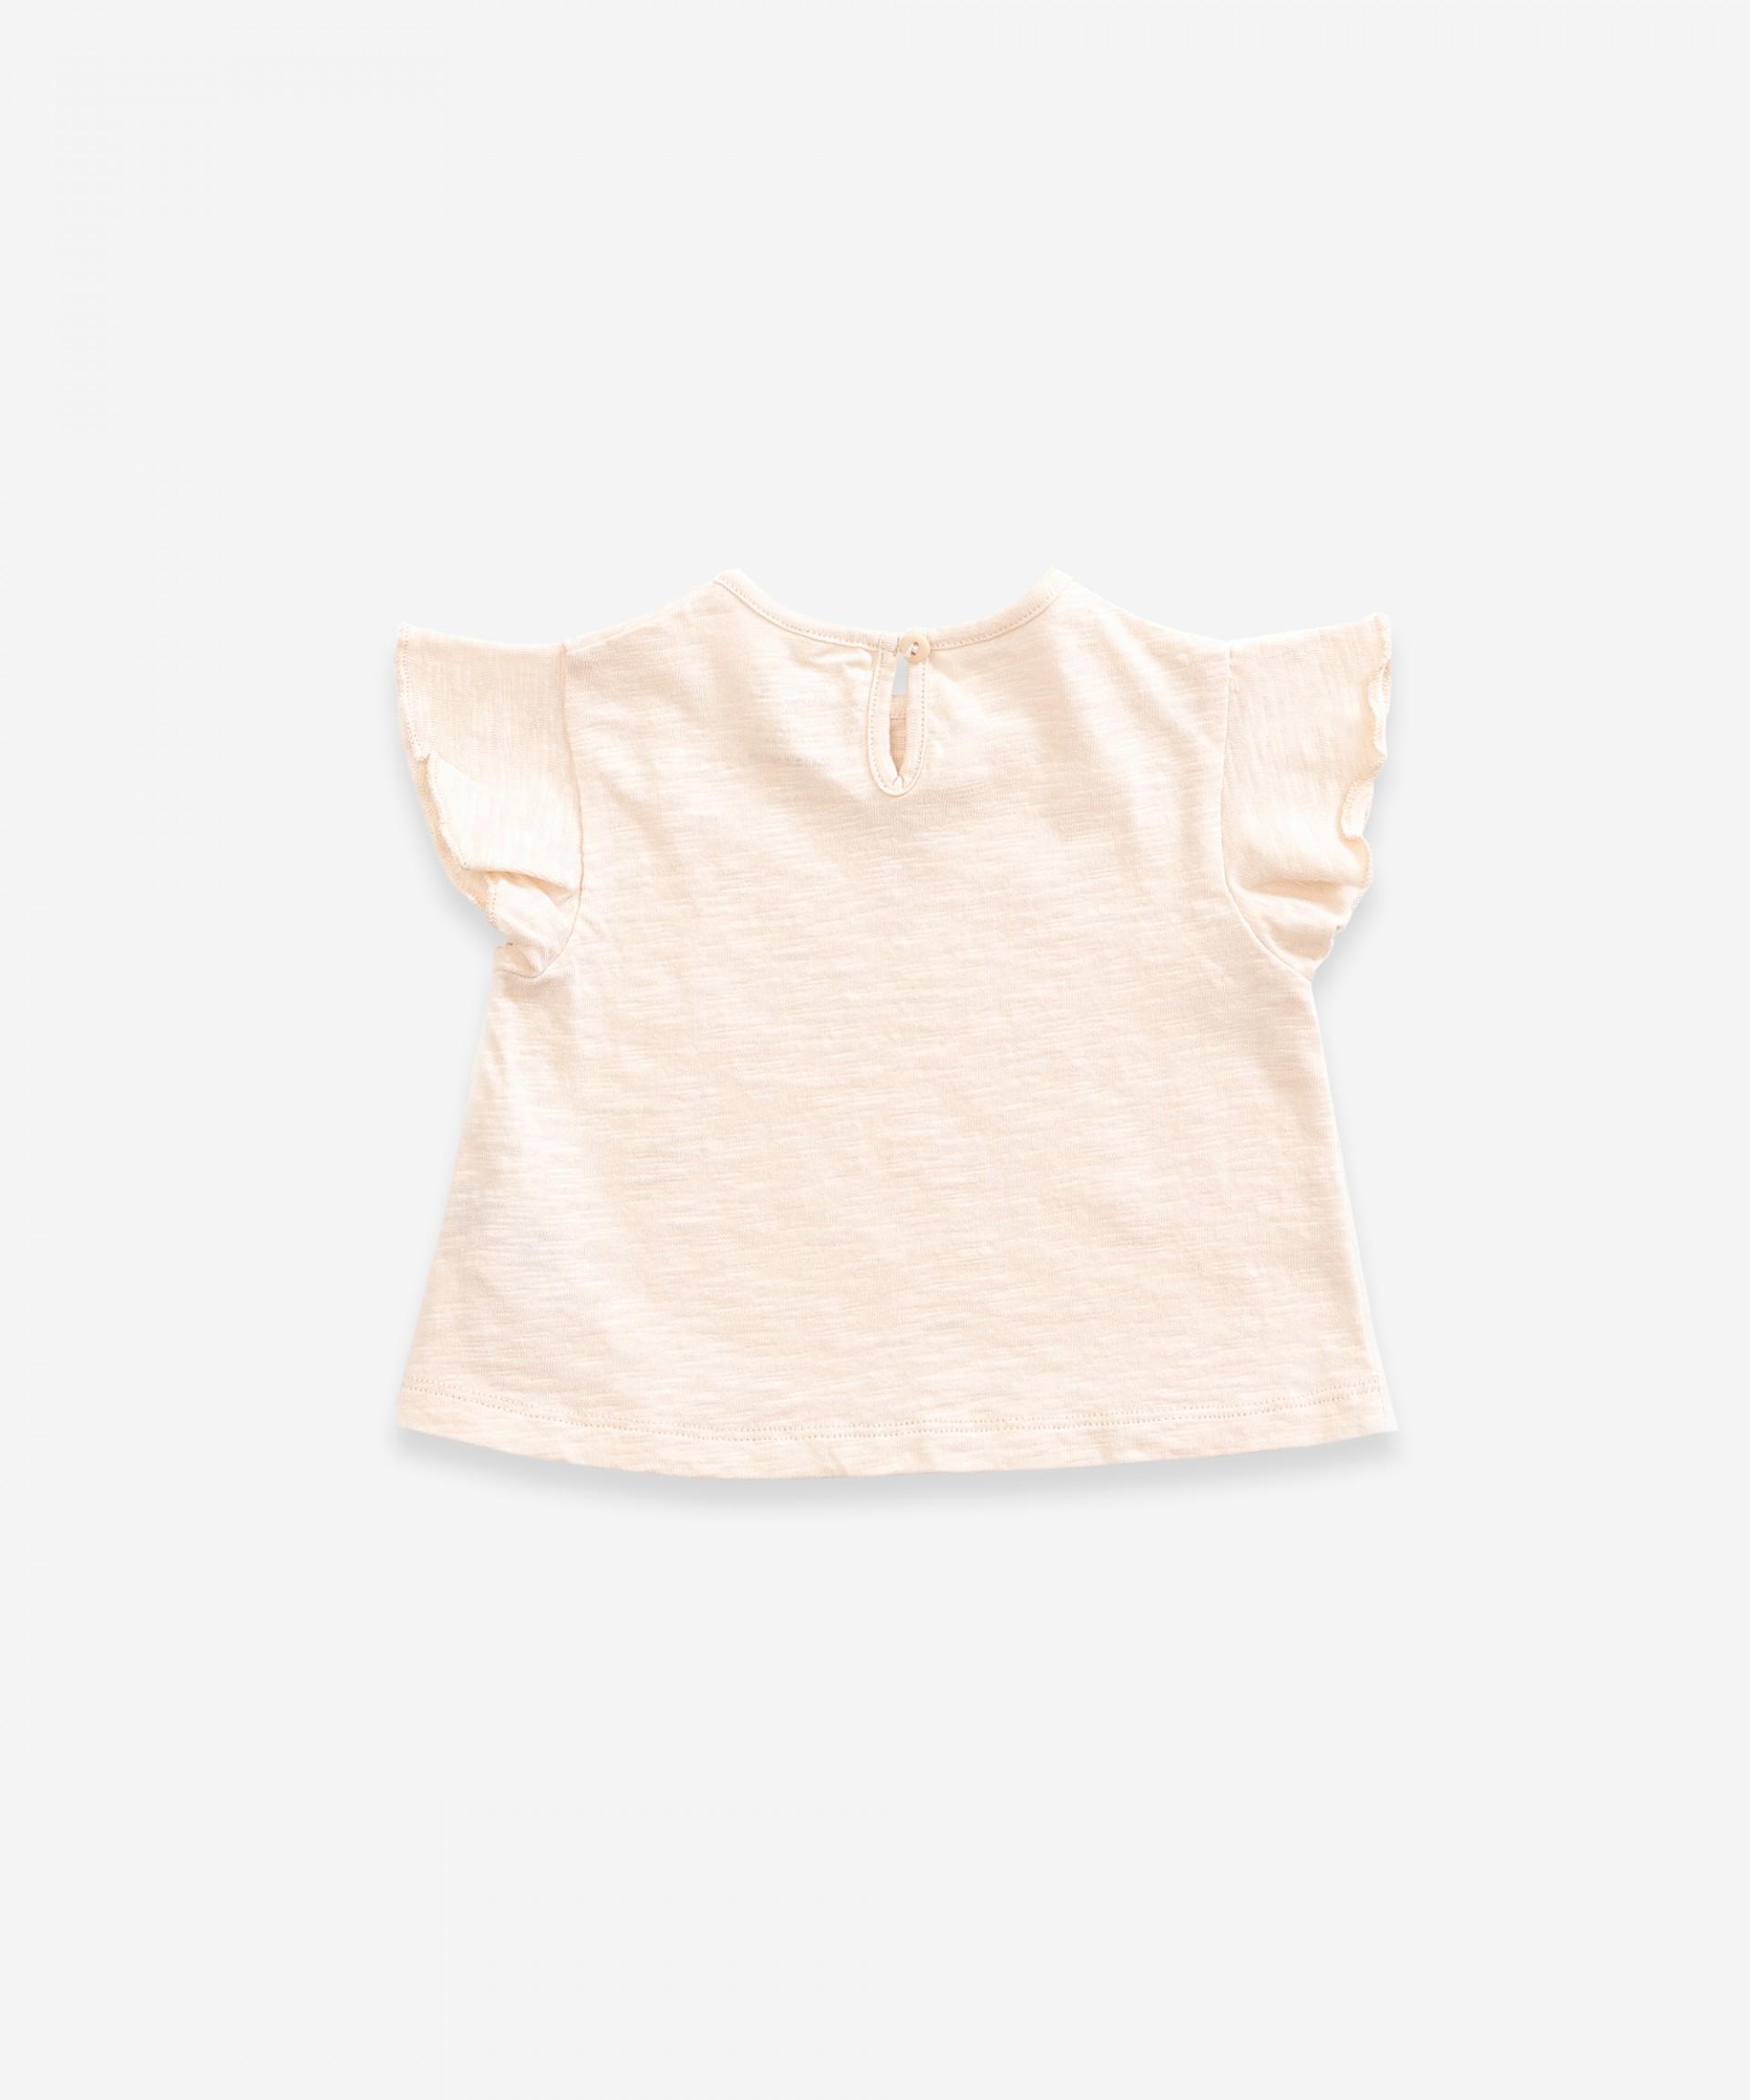 T-shirt em algodão orgânico | Weaving